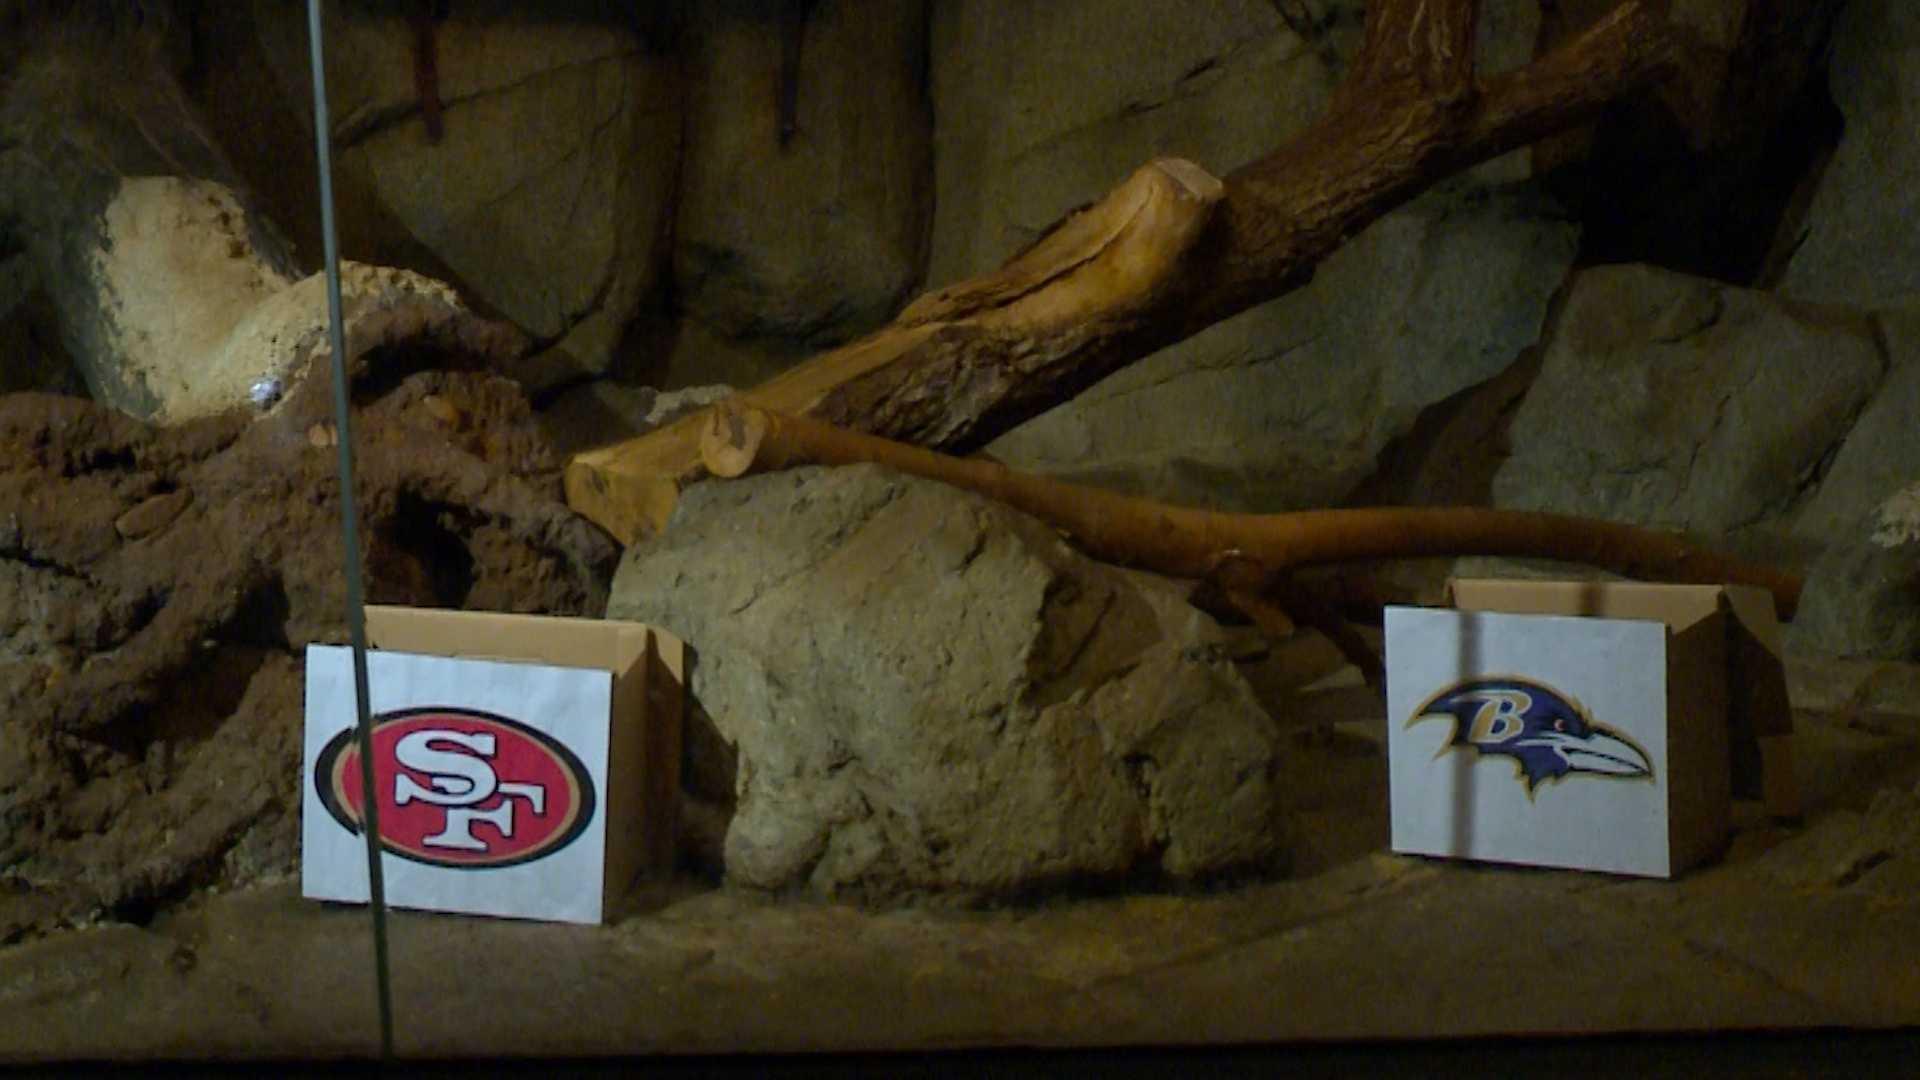 Zoo Super Bowl